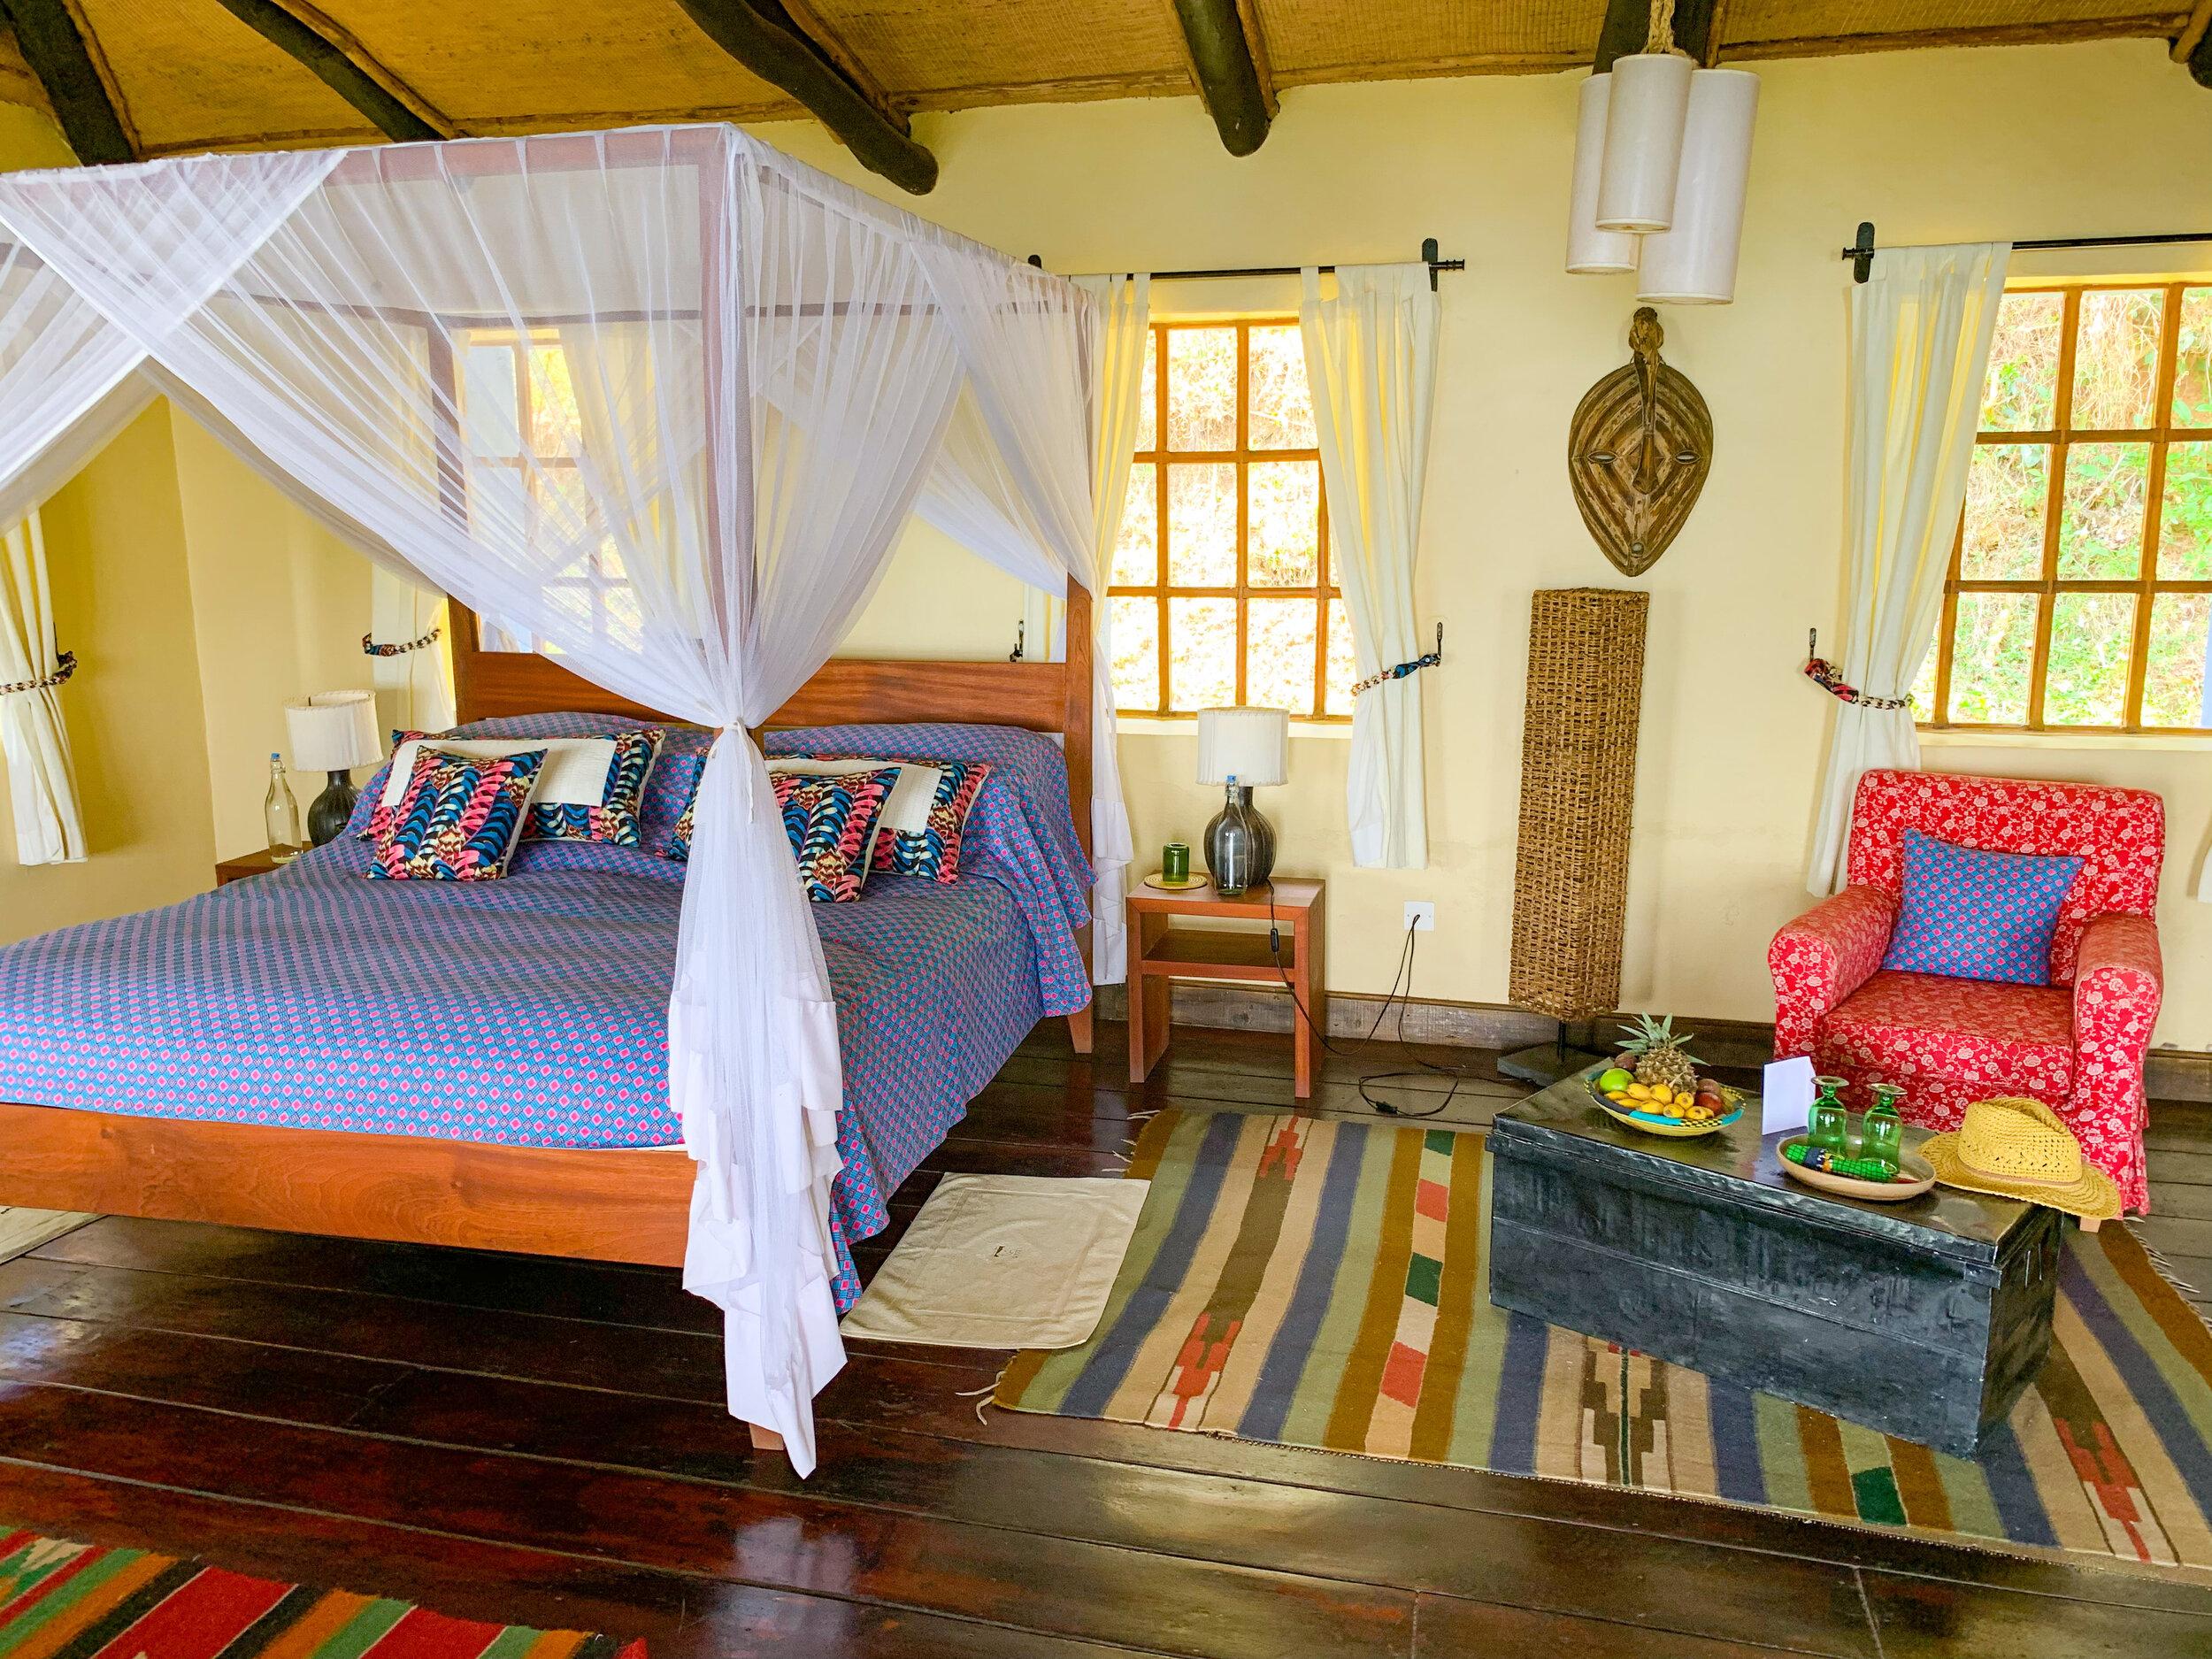 Virunga Lodge - Rwanda, Africa